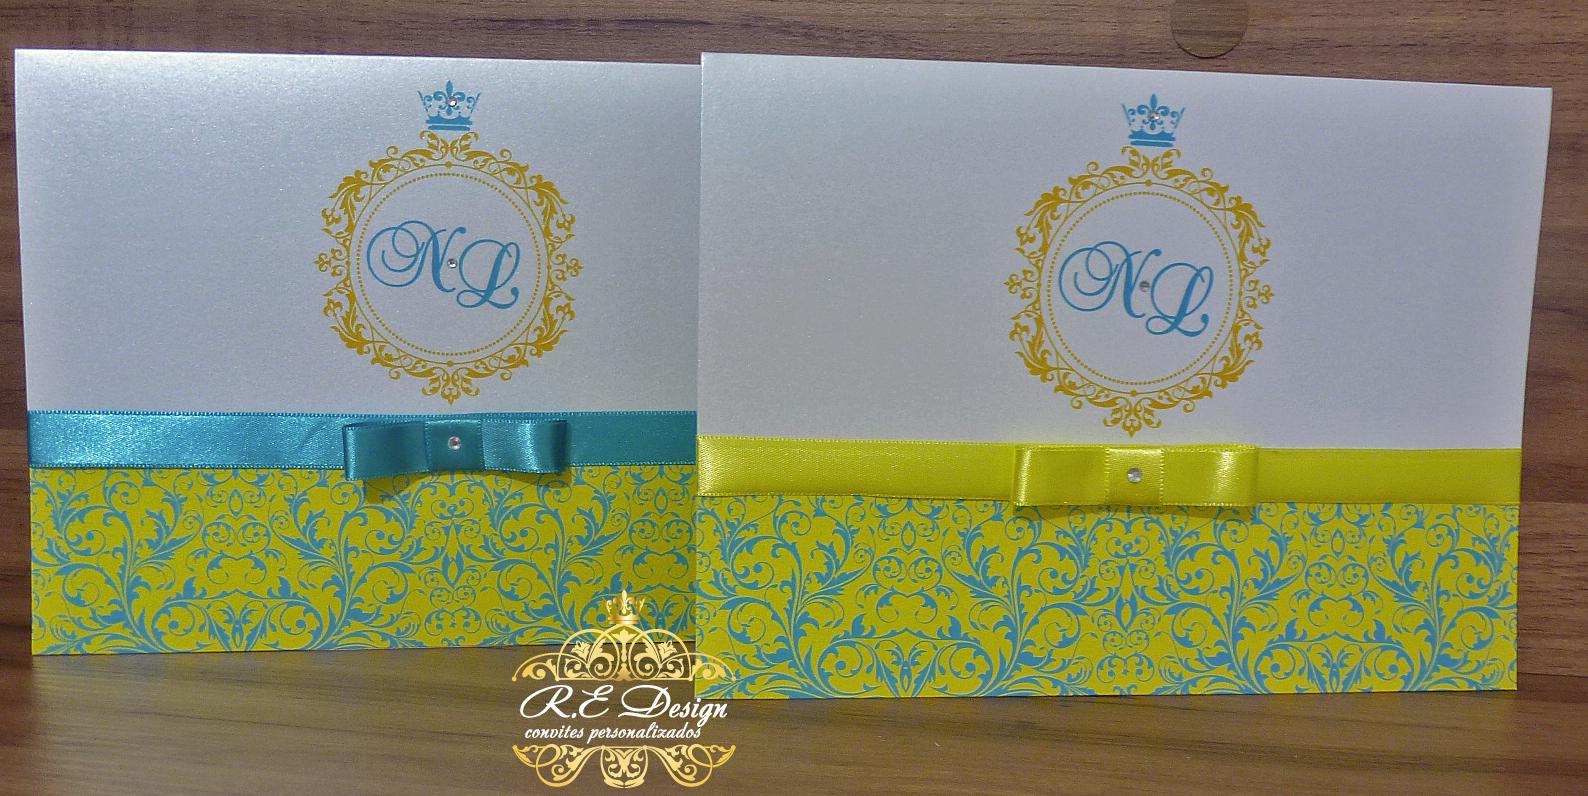 decoracao azul royal e amarelo casamento:colecao-royal-casamento-convite-15-anos colecao-royal-casamento